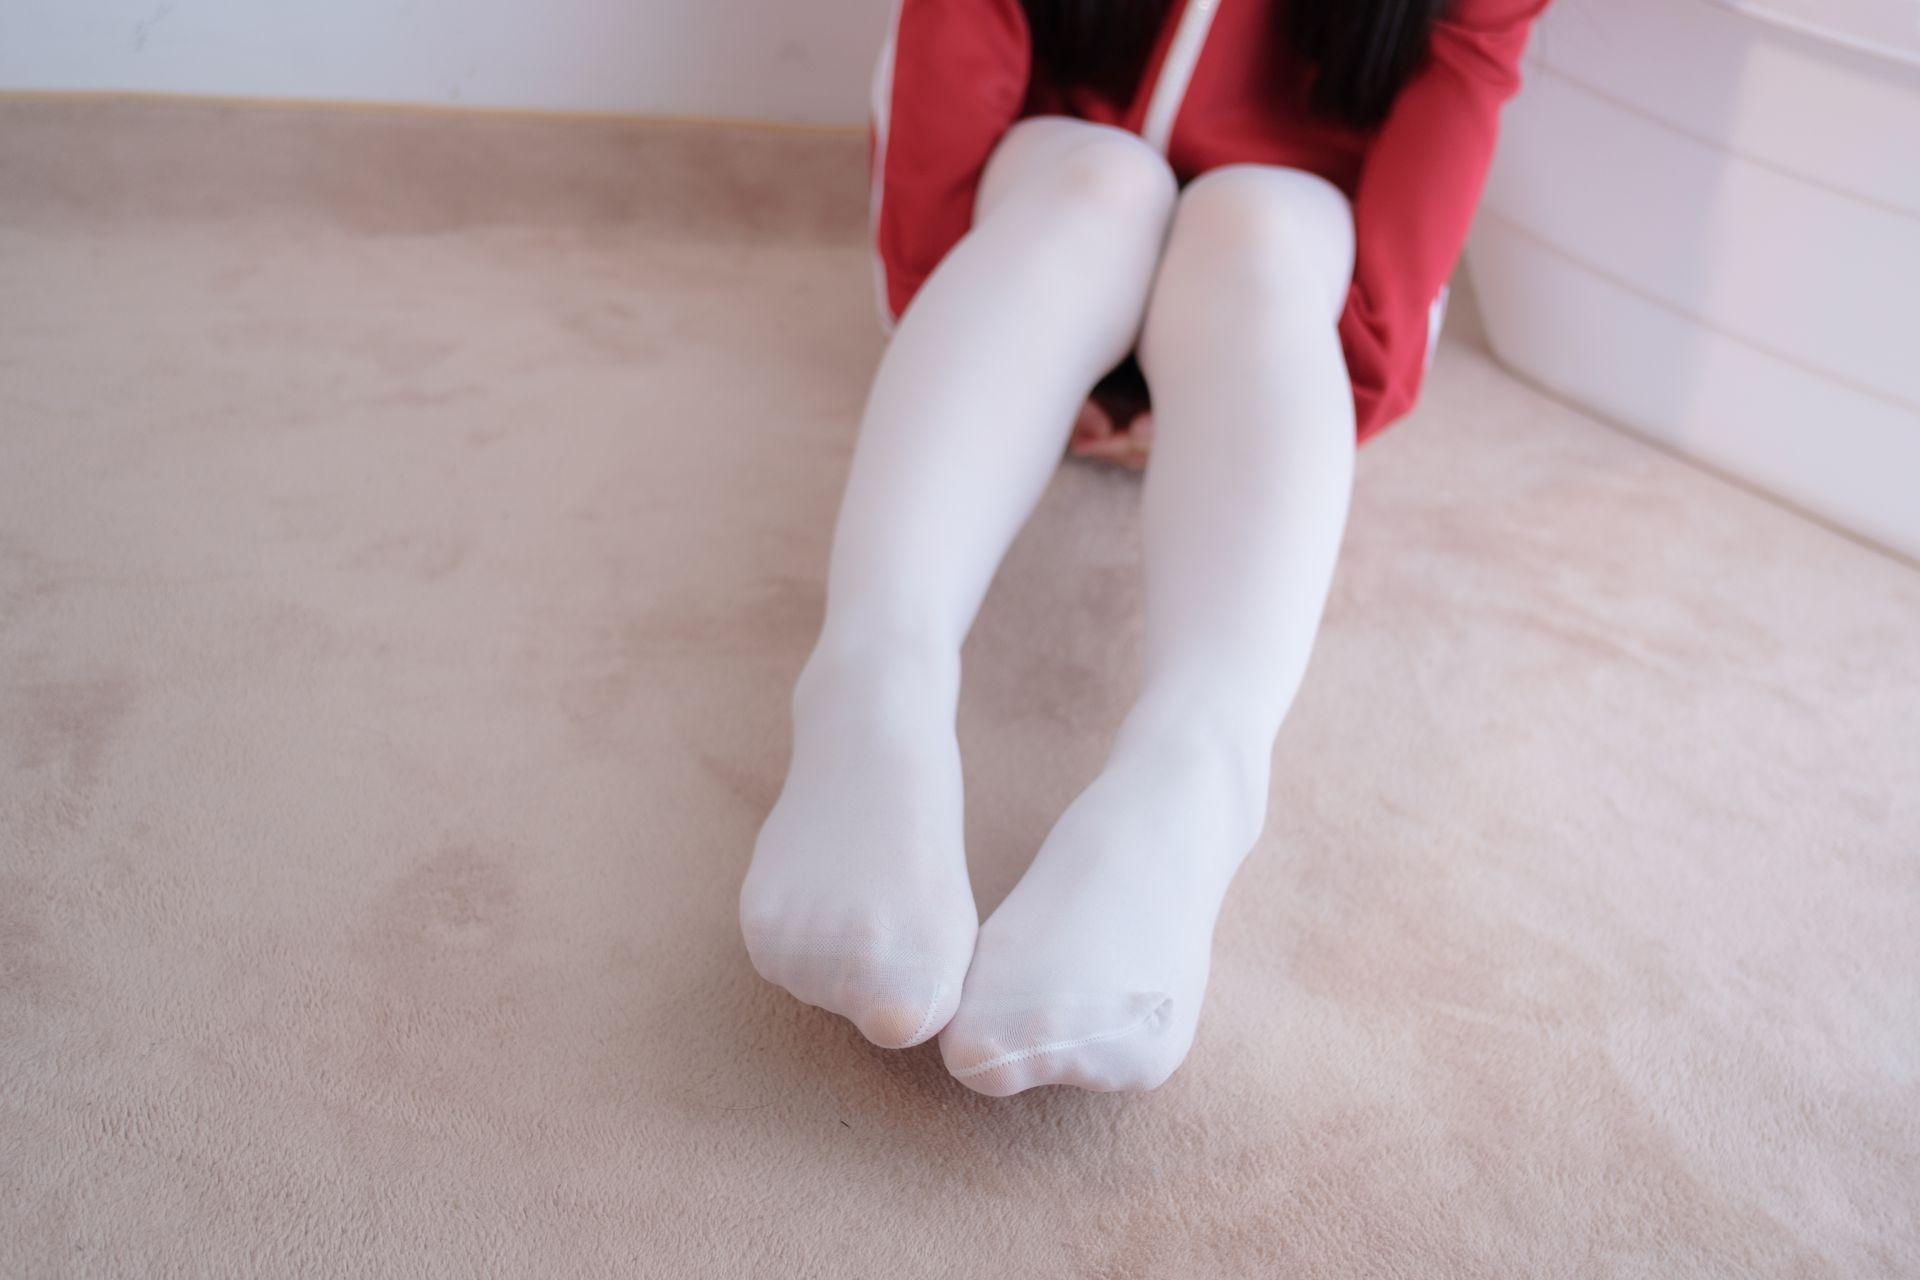 【森萝财团】爱花写真-ALPHA-002 白丝红衣死库水 [76P-725MB] 森萝财团 第4张